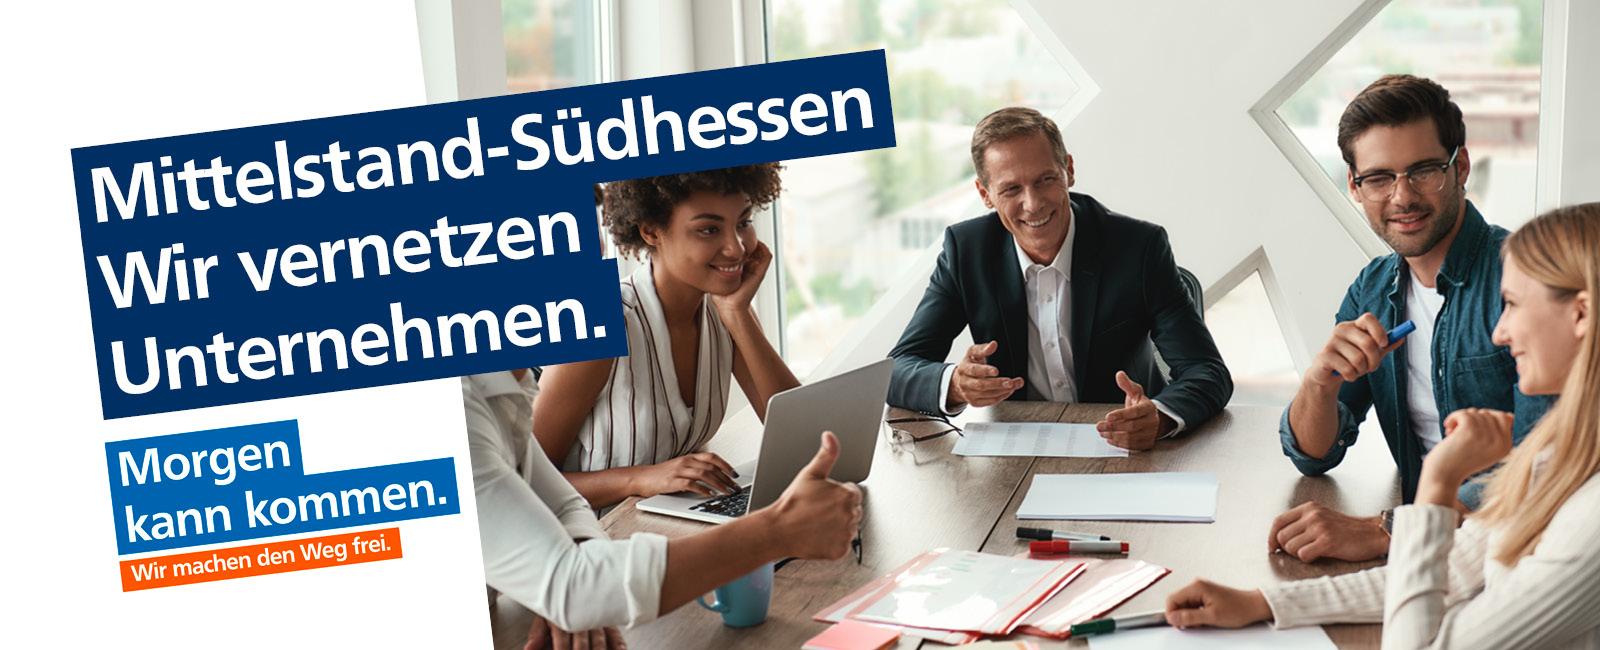 Mittelstand Südhessen